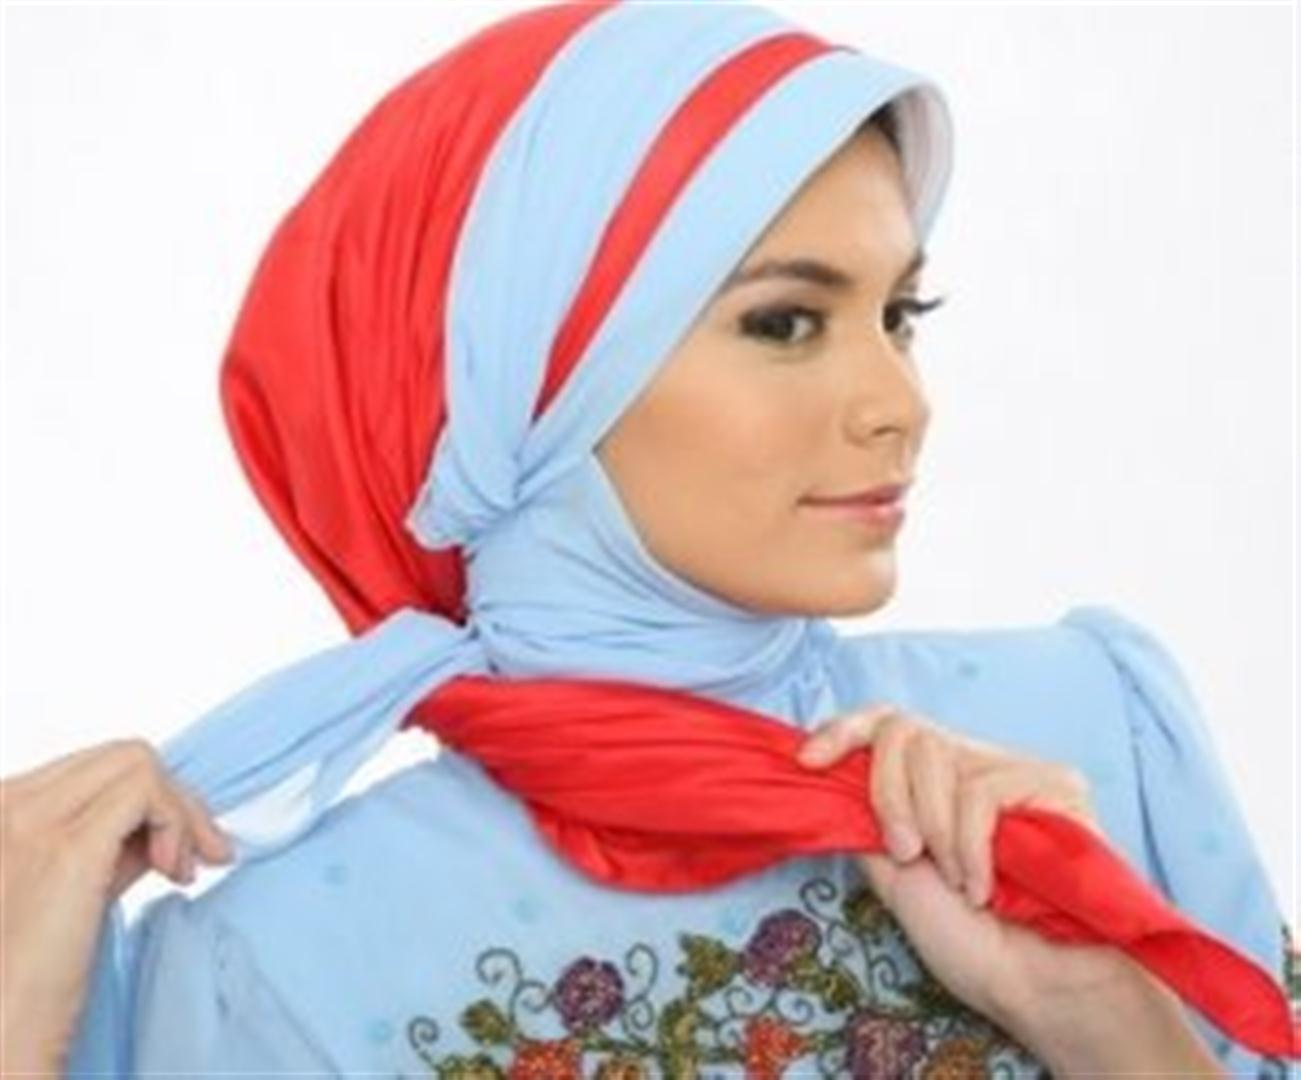 Cara memakai jilbab mudah dan modis | Jilbab islami